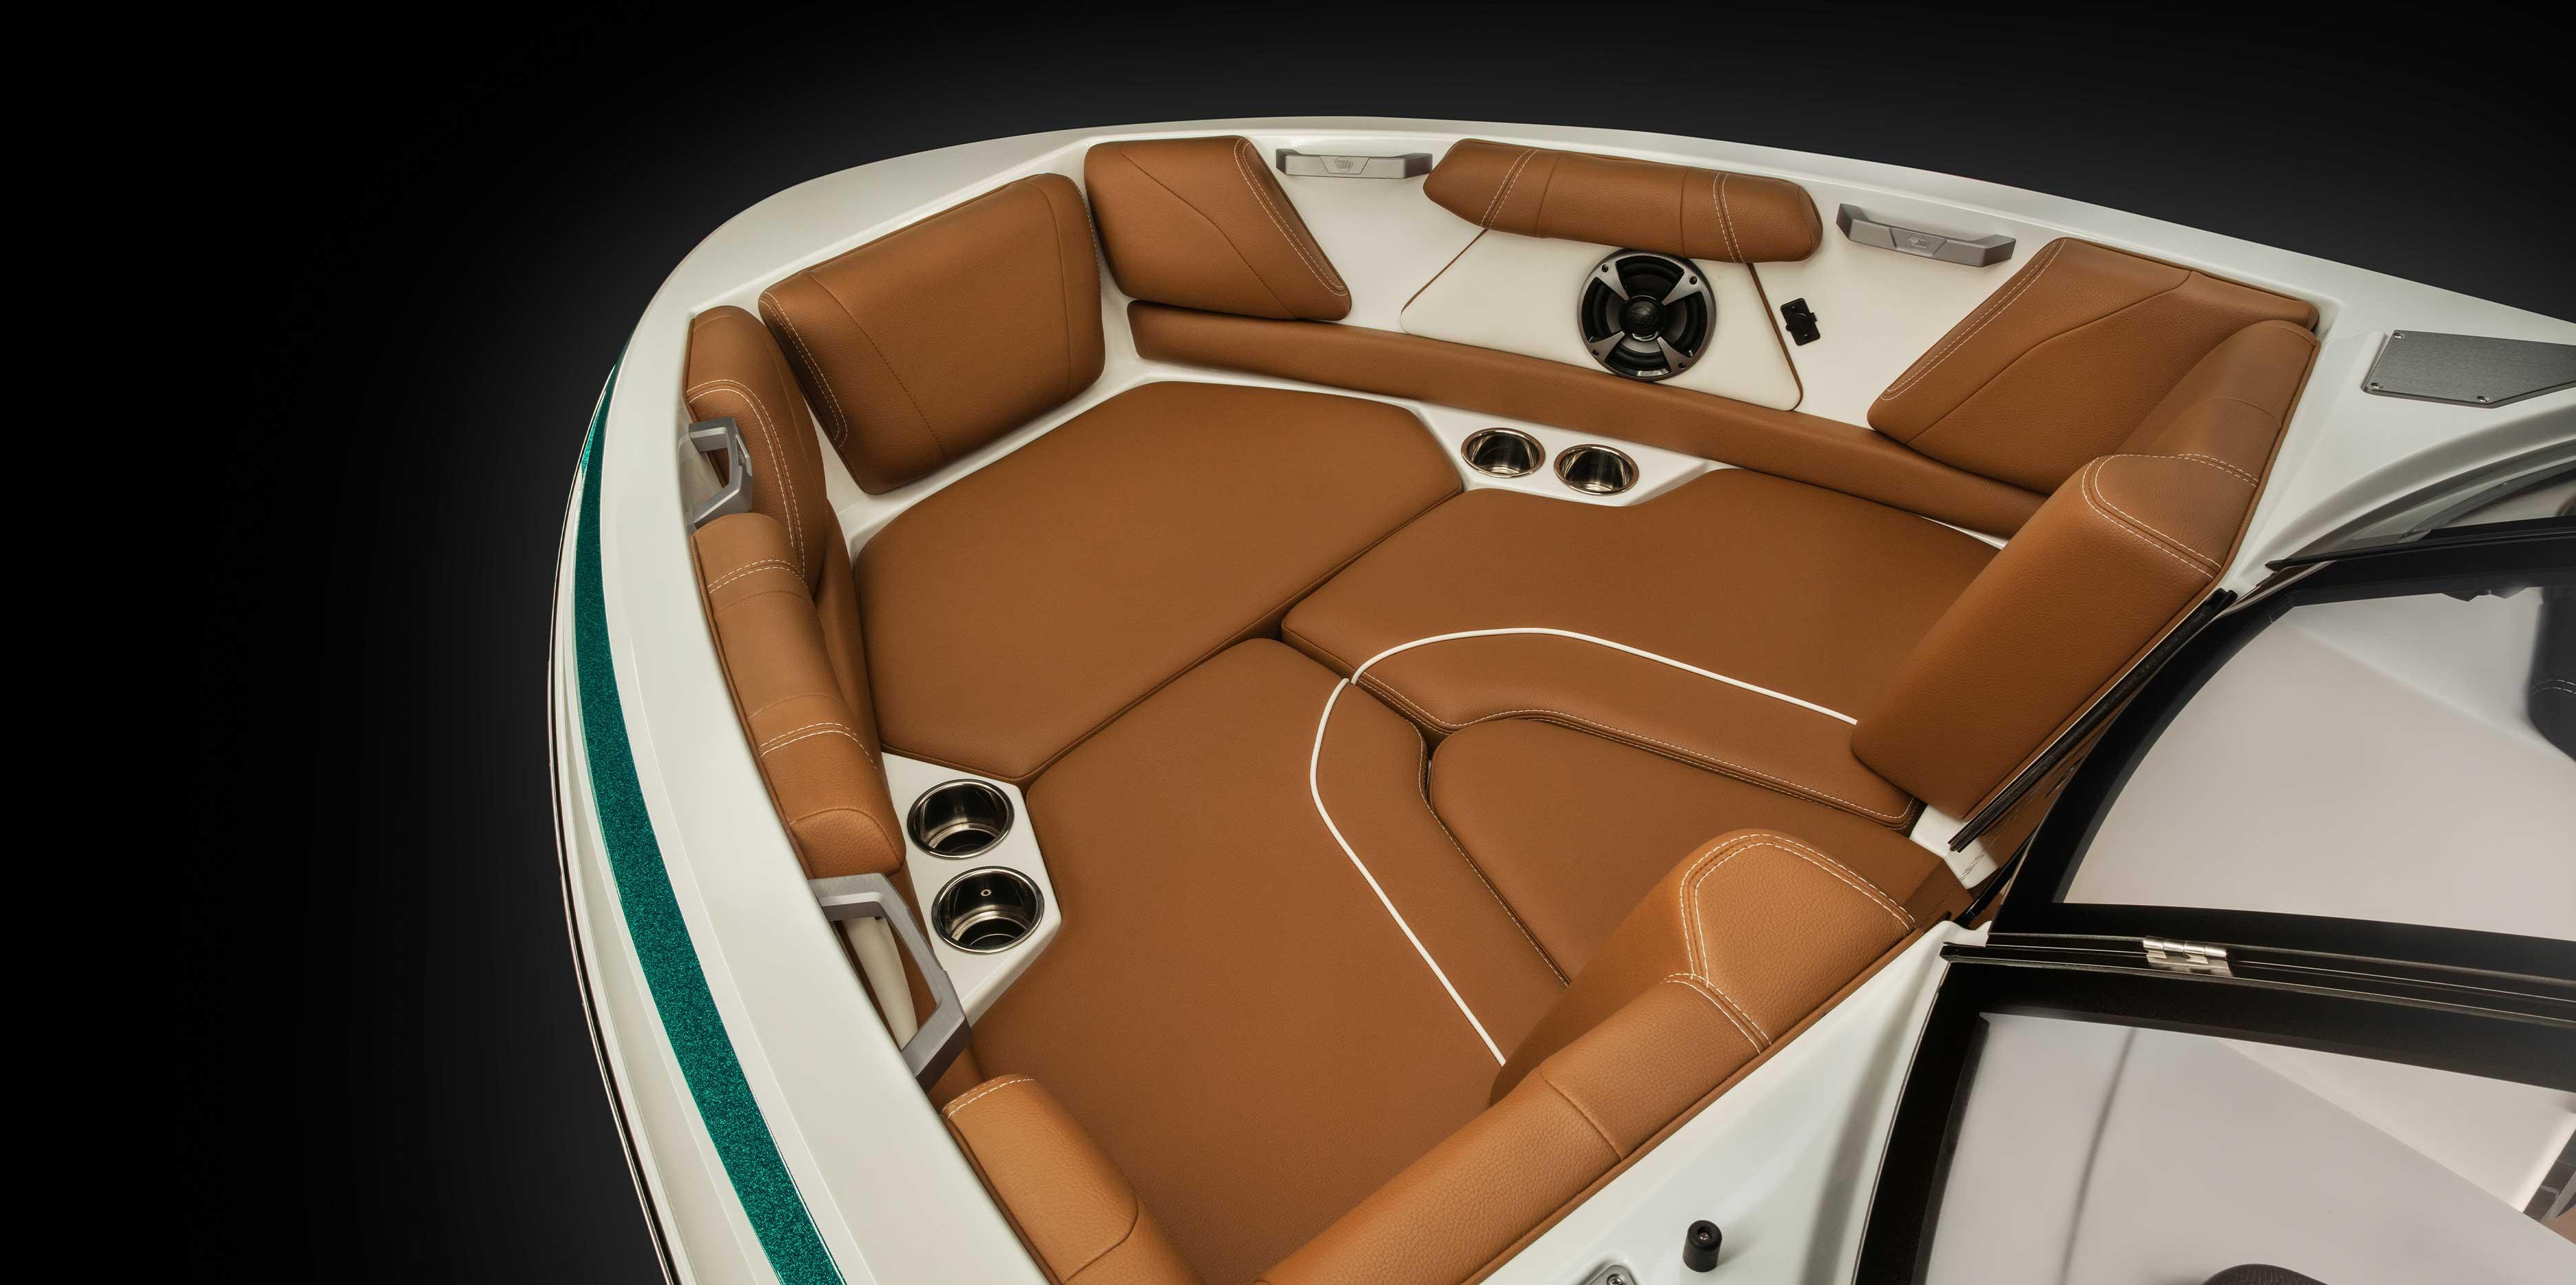 2021 Malibu Boats Wakesetter 21 VLX bow